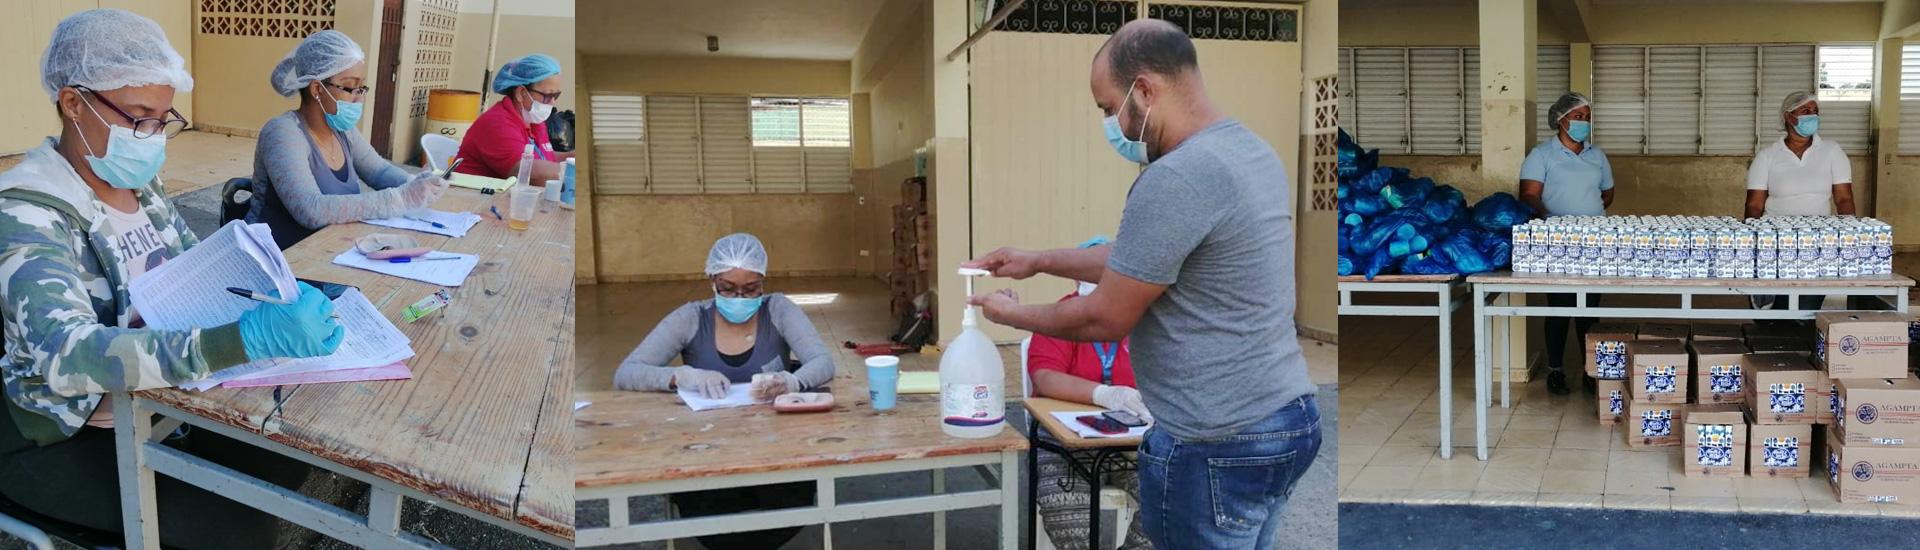 Reparto de comida a los menores más vulnerables para vencer al coronavirus en República Dominicana